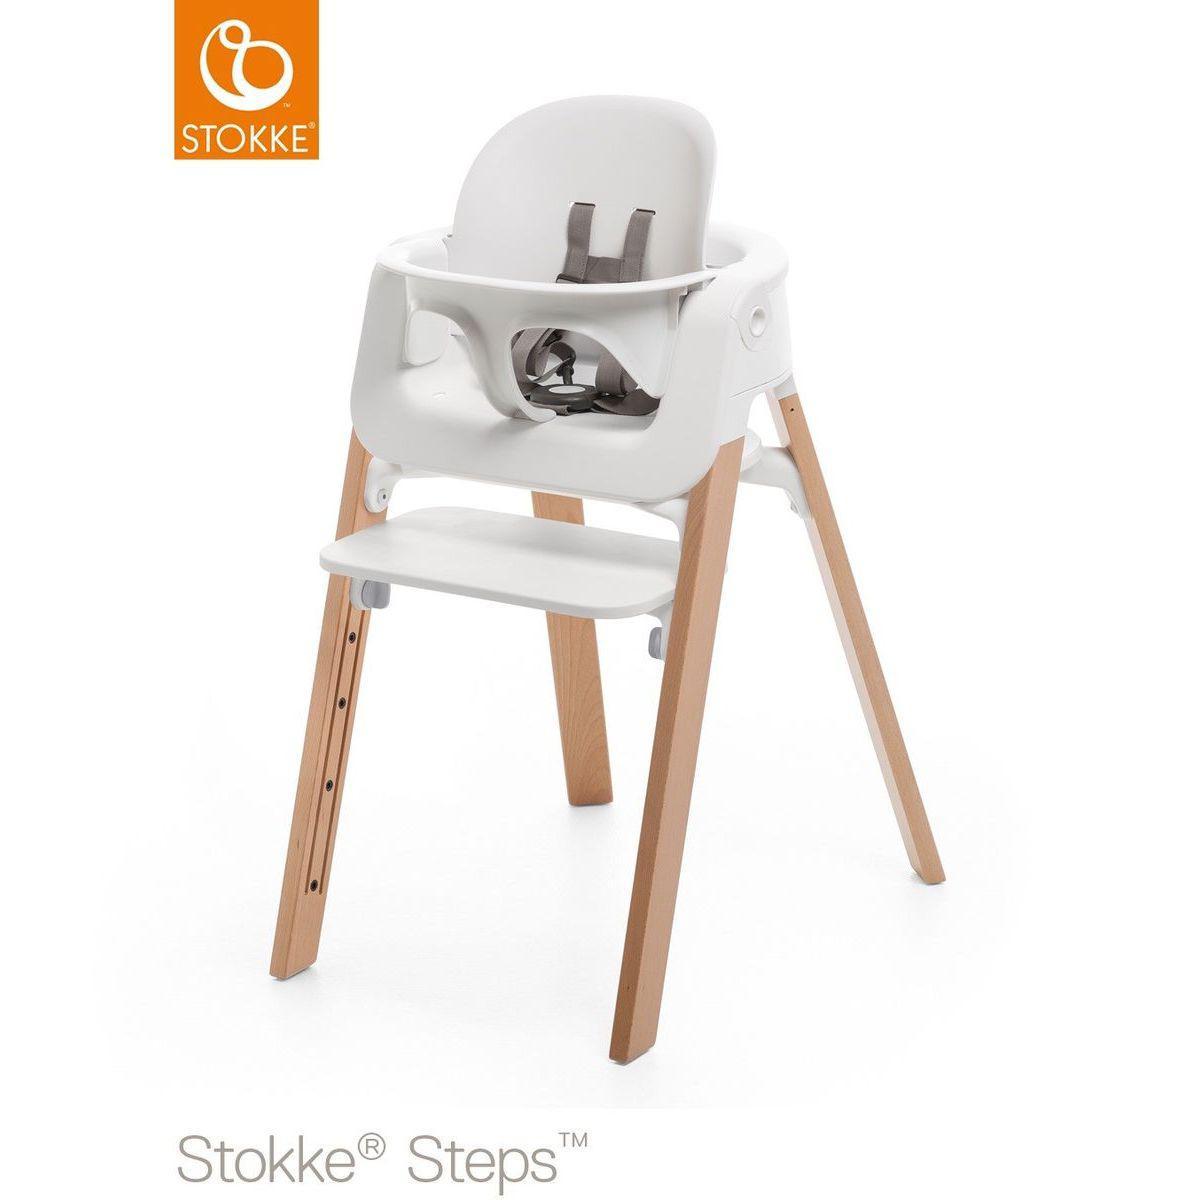 Baby Haute Set Stokke Steps Blanc Chaise MpSLUGzqV